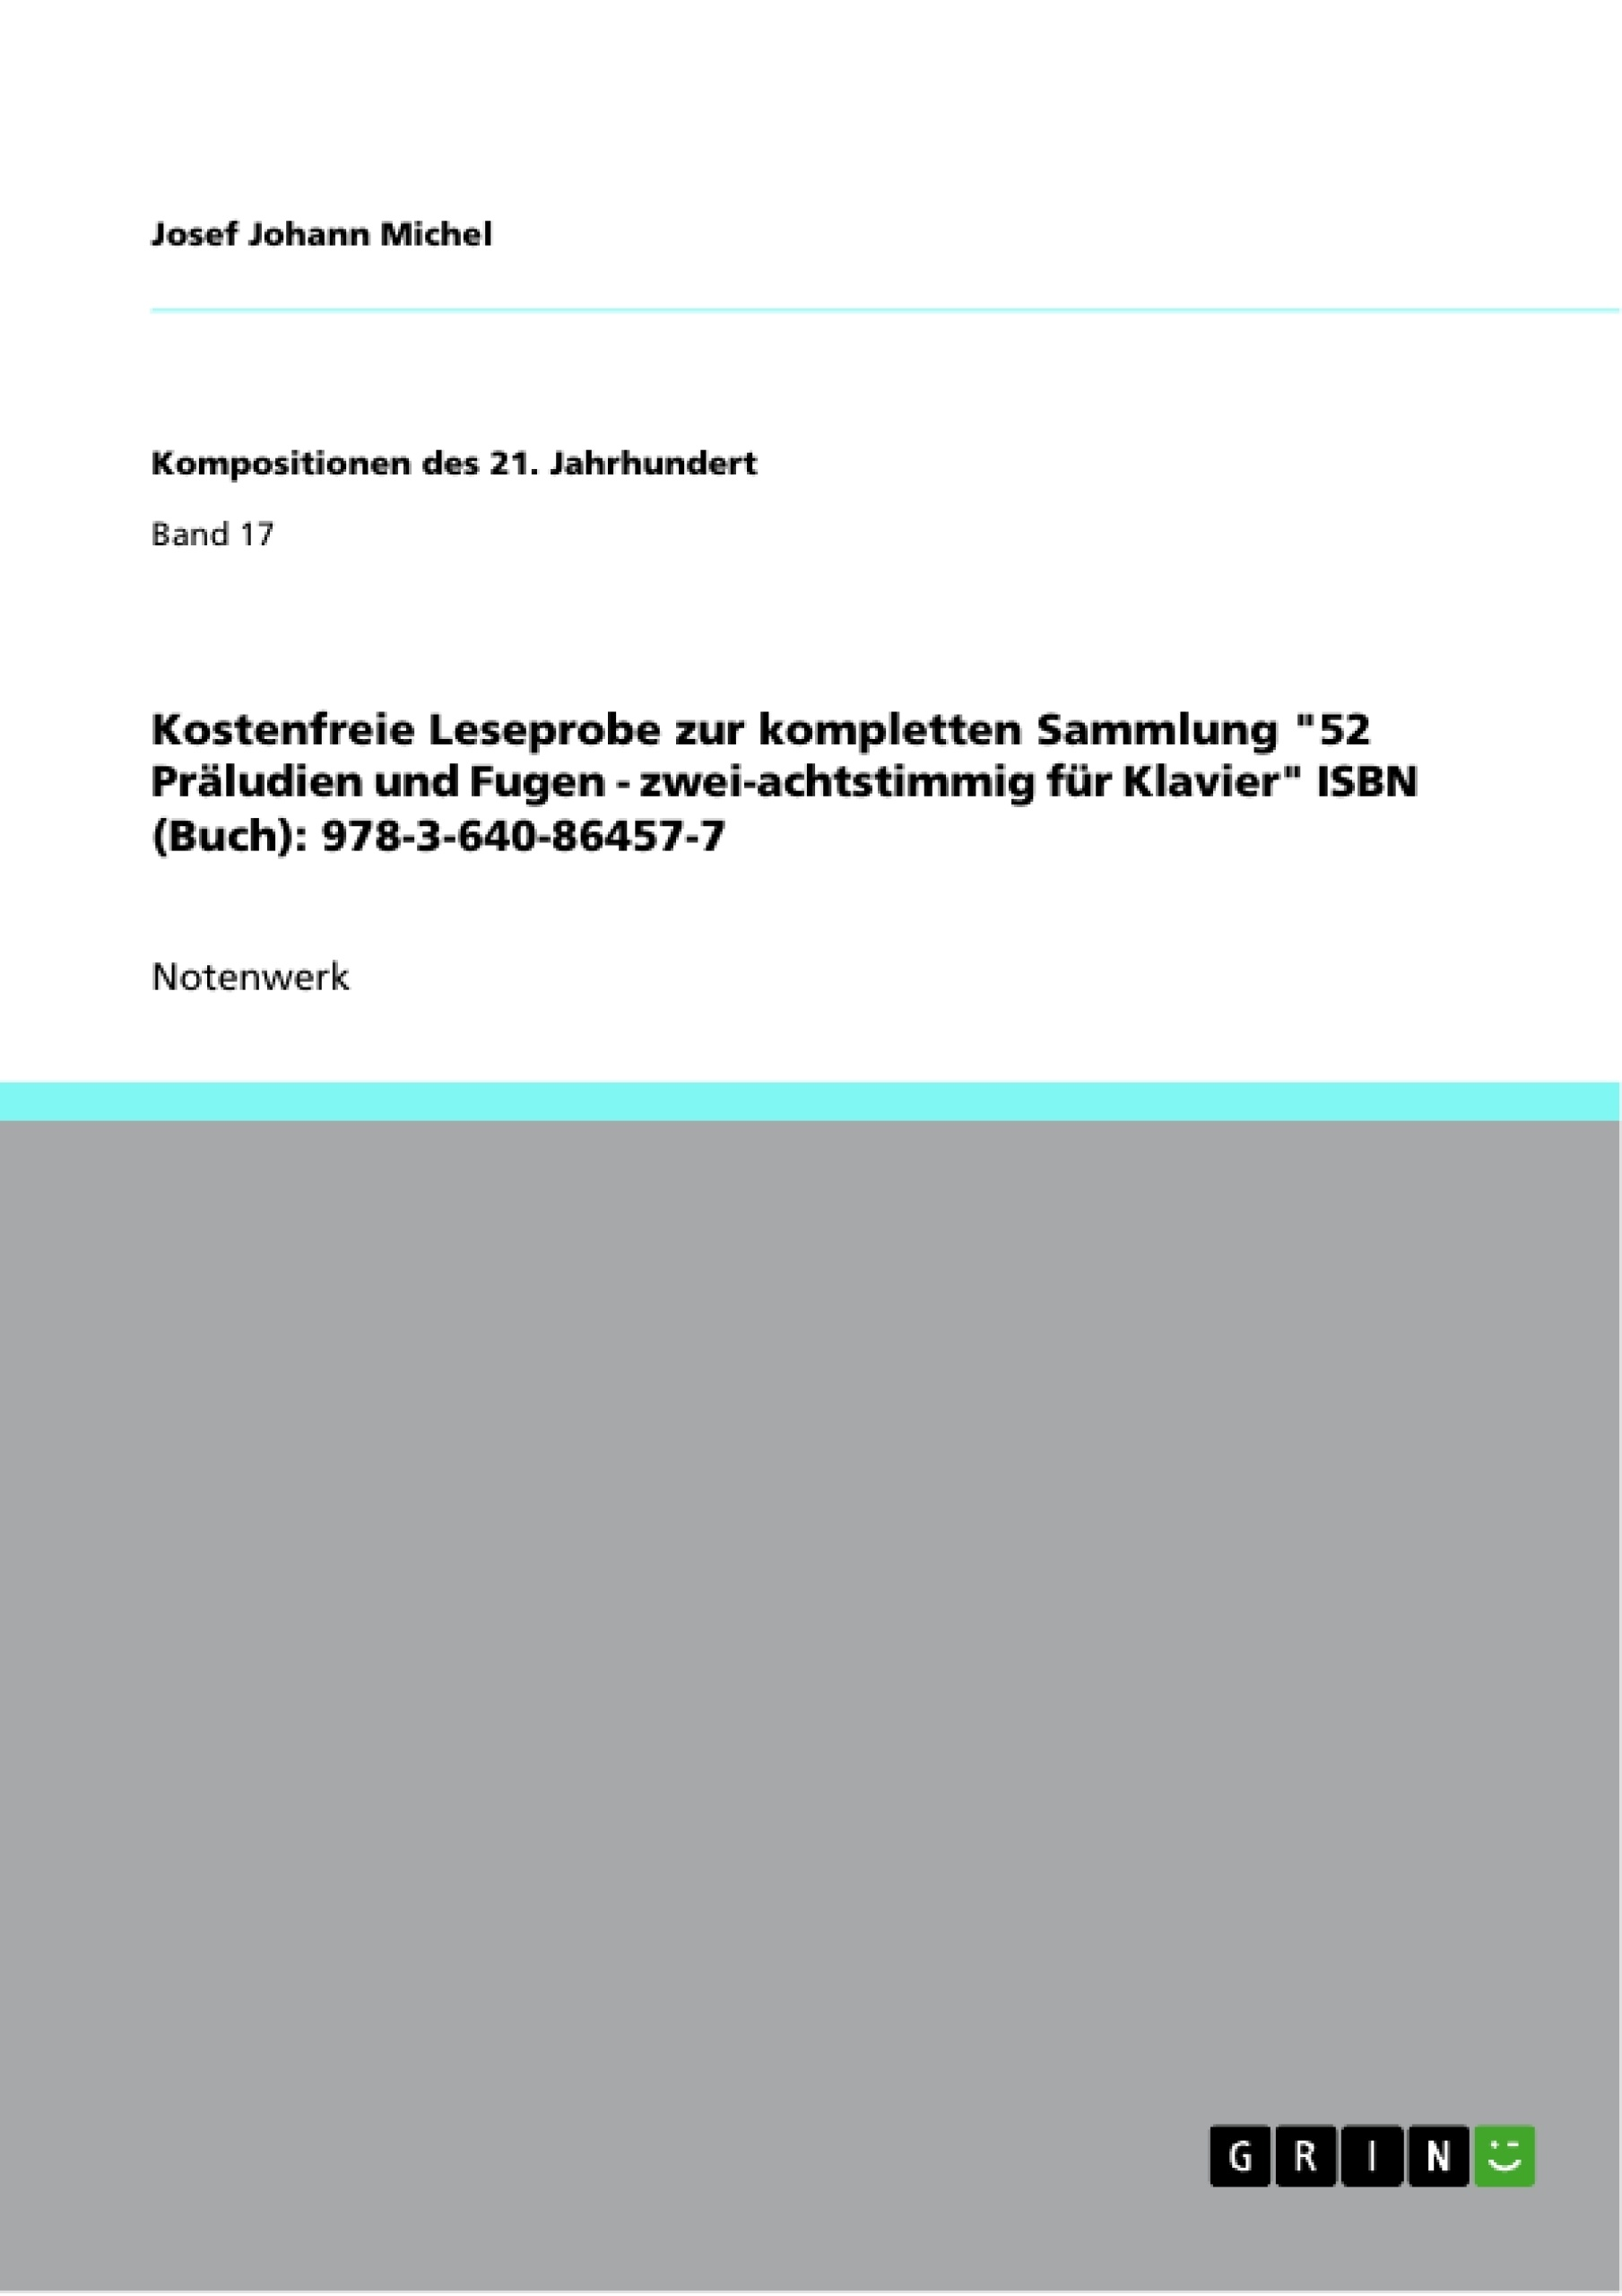 """Titel: Kostenfreie Leseprobe zur kompletten Sammlung """"52 Präludien und Fugen - zwei-achtstimmig für Klavier"""" ISBN (Buch): 978-3-640-86457-7"""